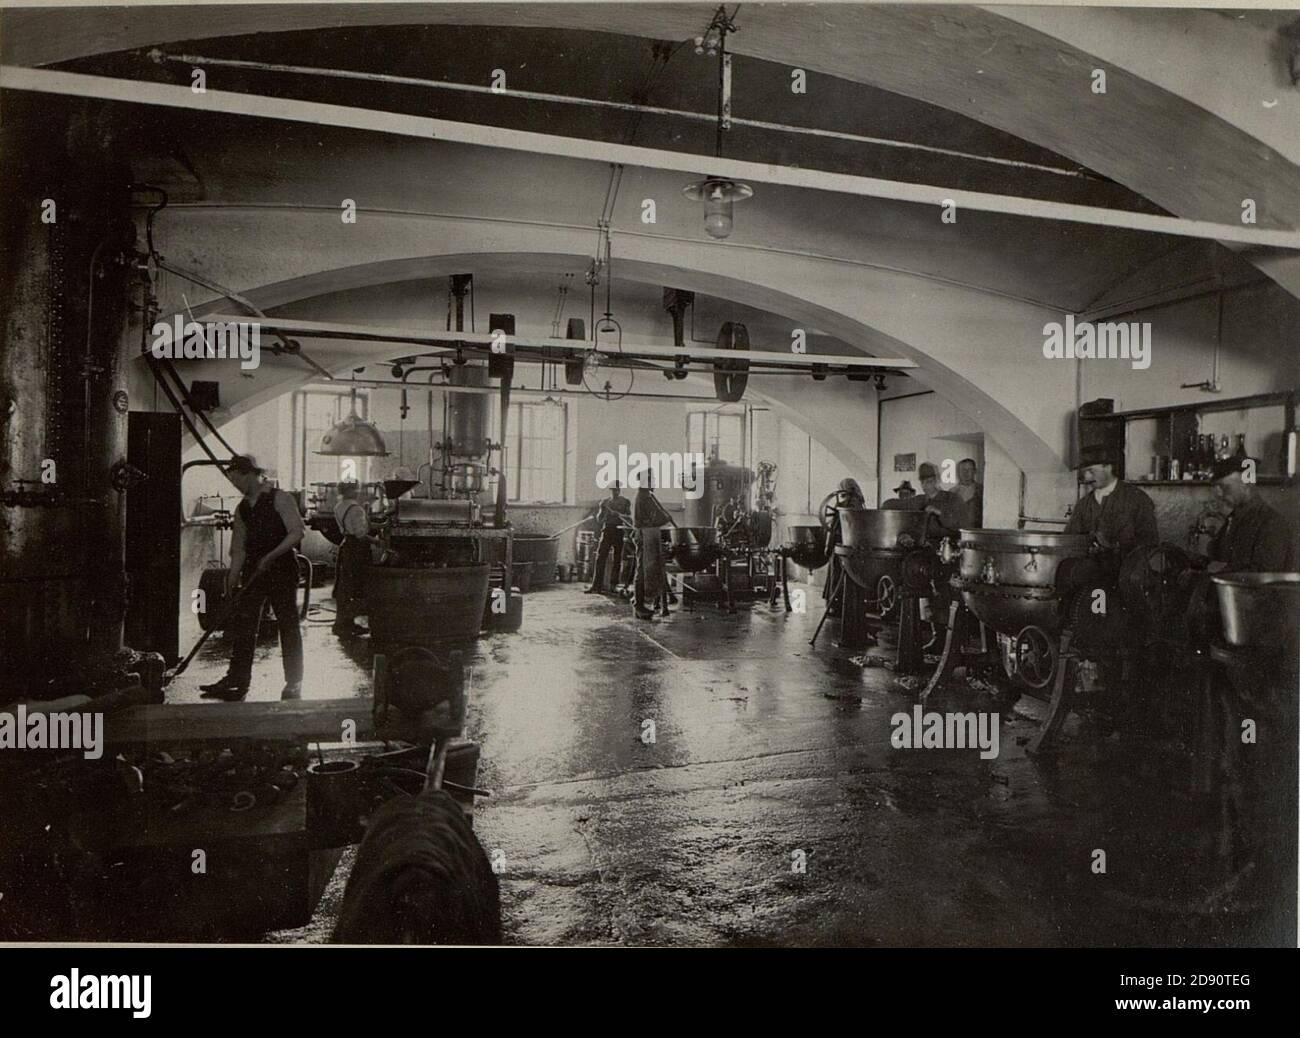 K.u.k. Etappen Verpflegsmagazine in Villach. Fruchtkonservenfabrik. Arbeitsraum.Aufgenommen am 20.VII.1916. Stock Photo